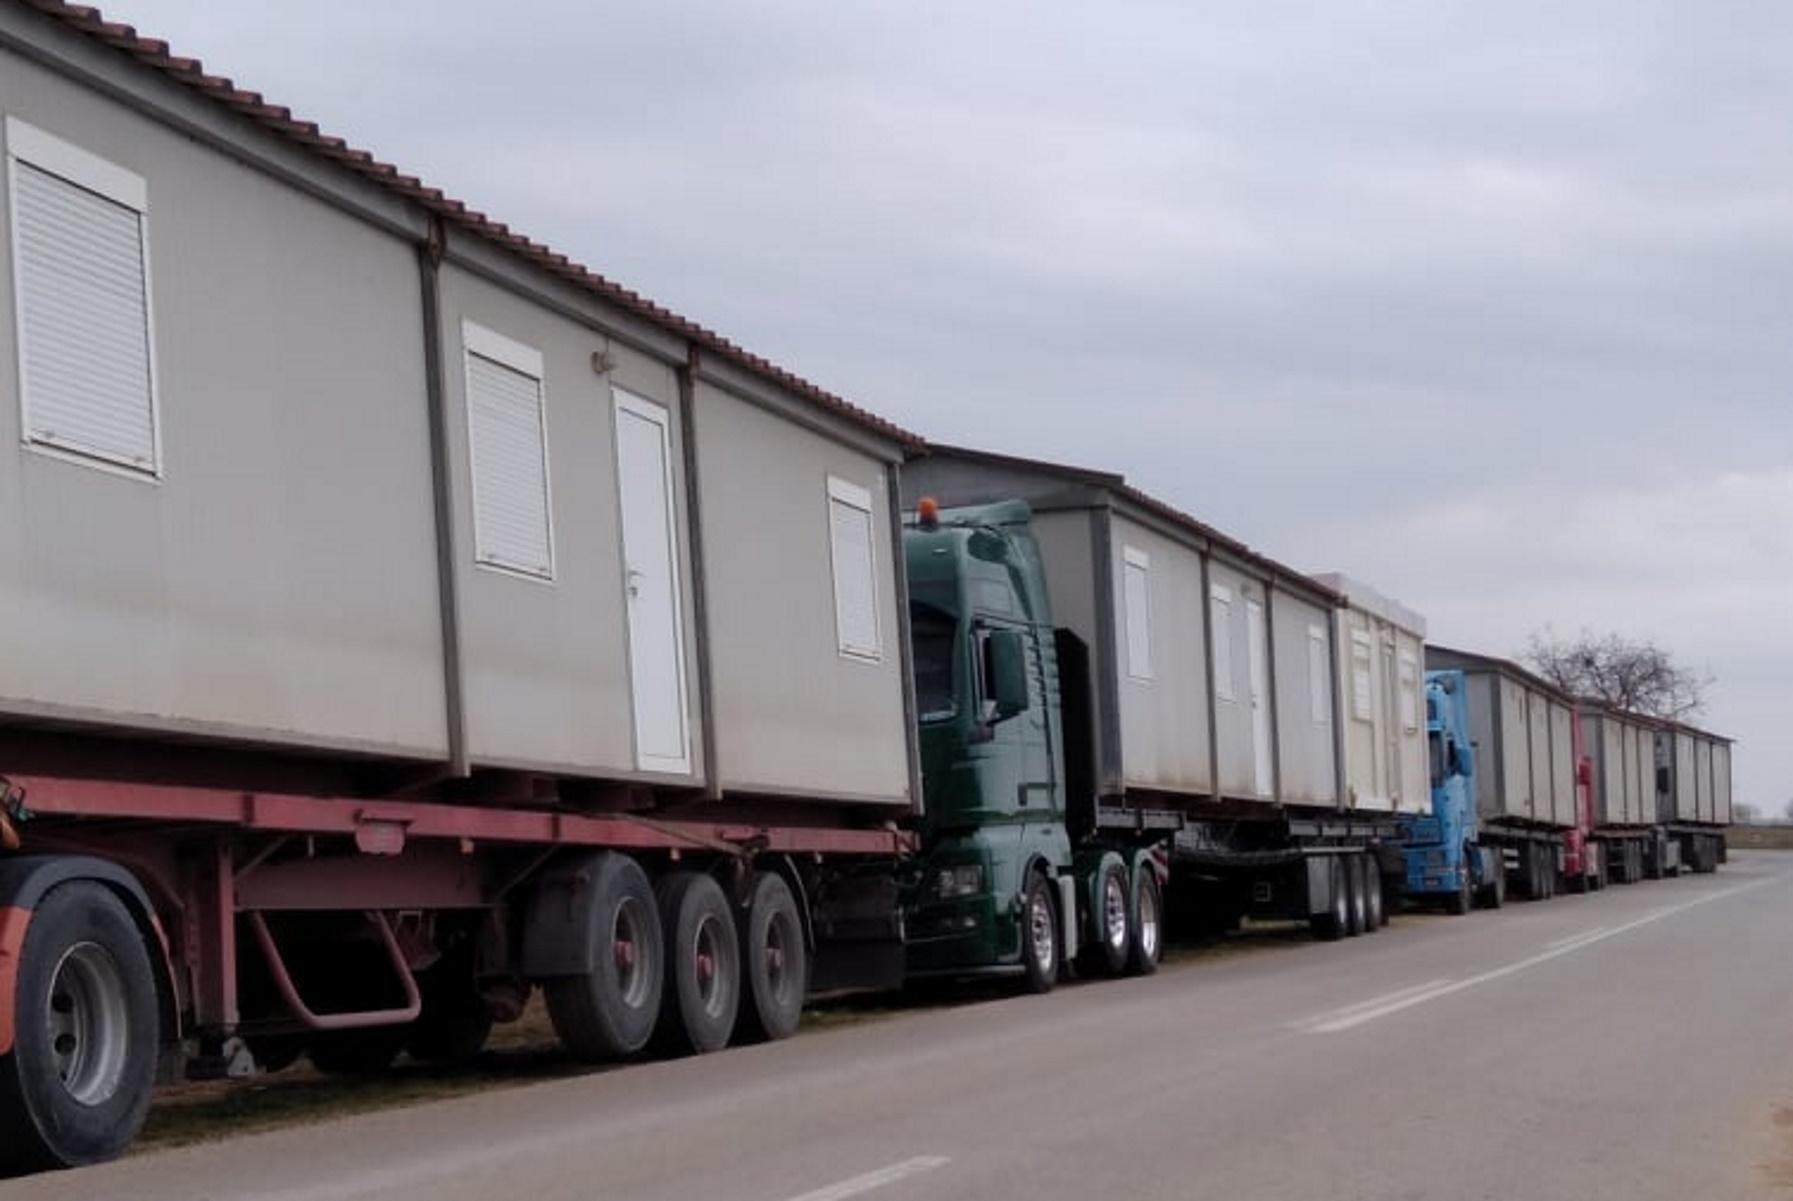 Δαμάσι Τυρνάβου: Έφτασαν τα πρώτα τροχόσπιτα για τους σεισμοπαθείς (pics, vid)